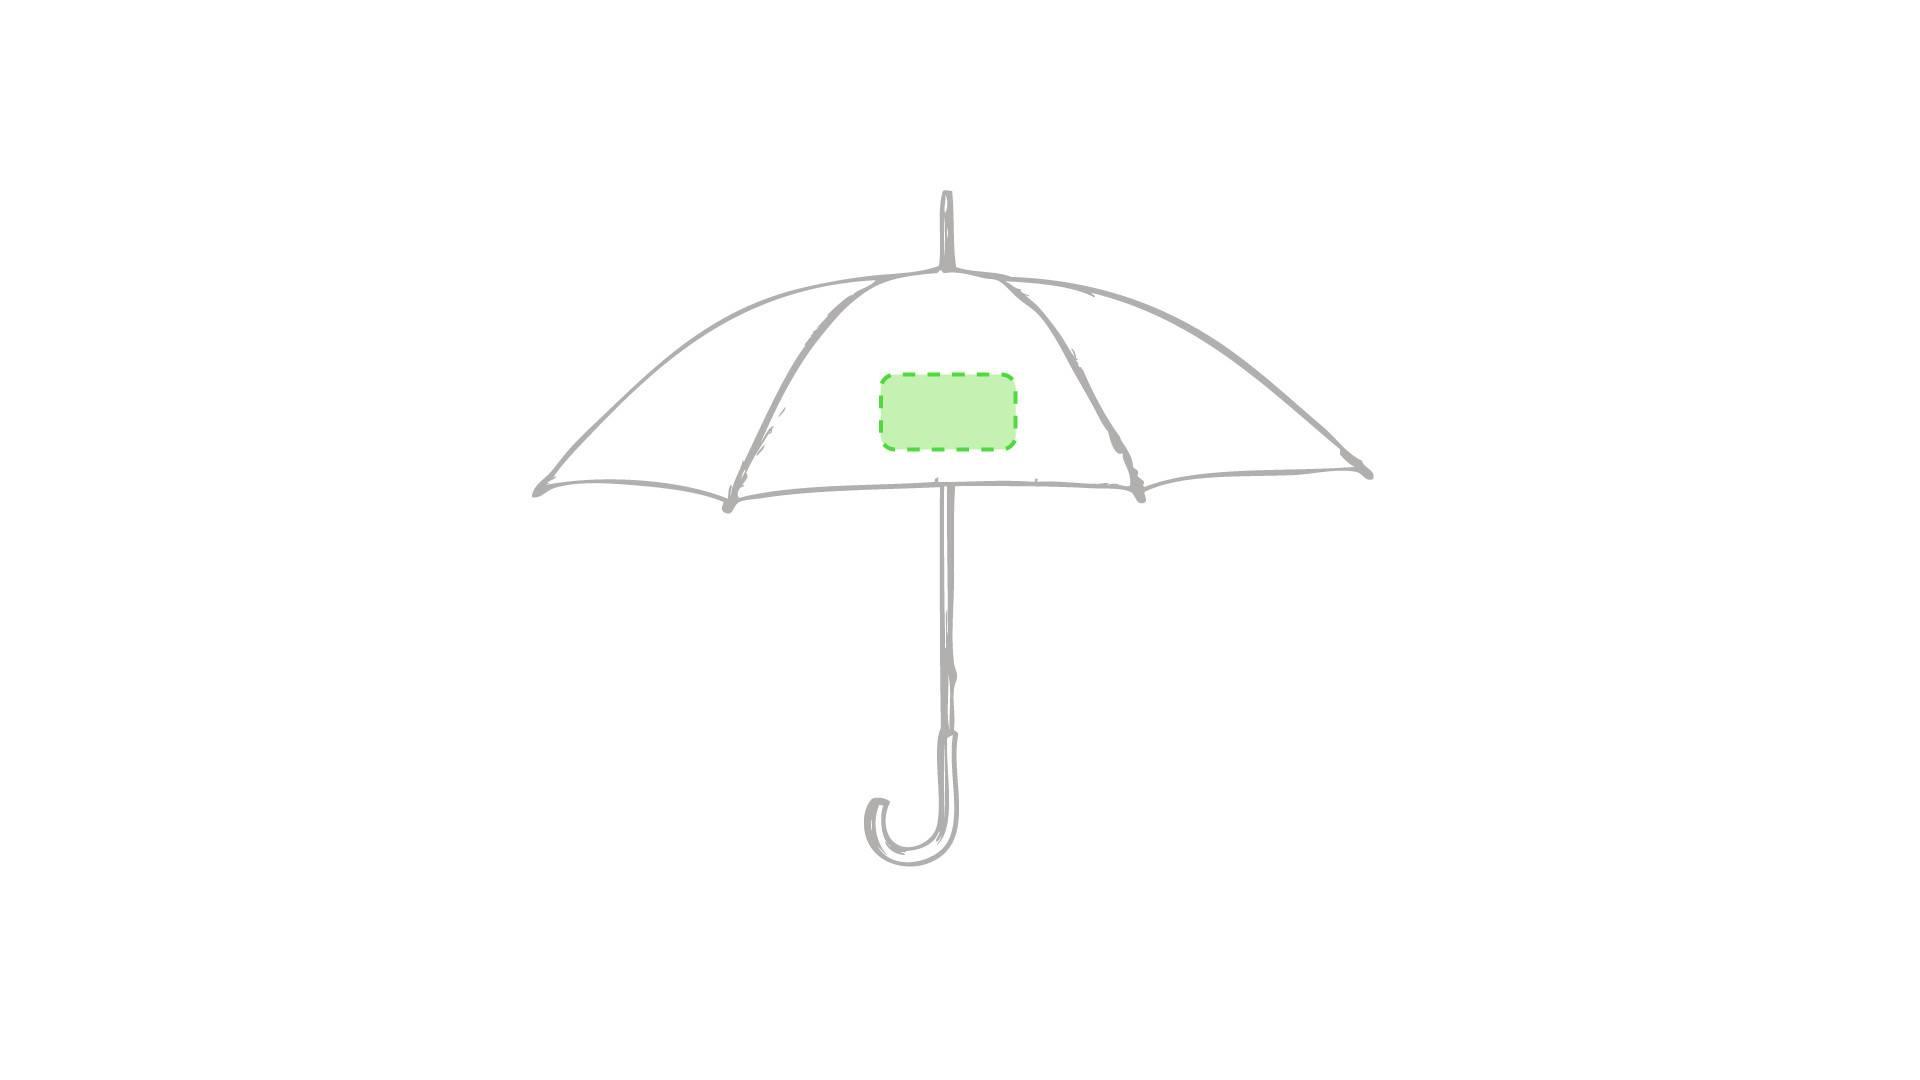 Paraguas de madera 1